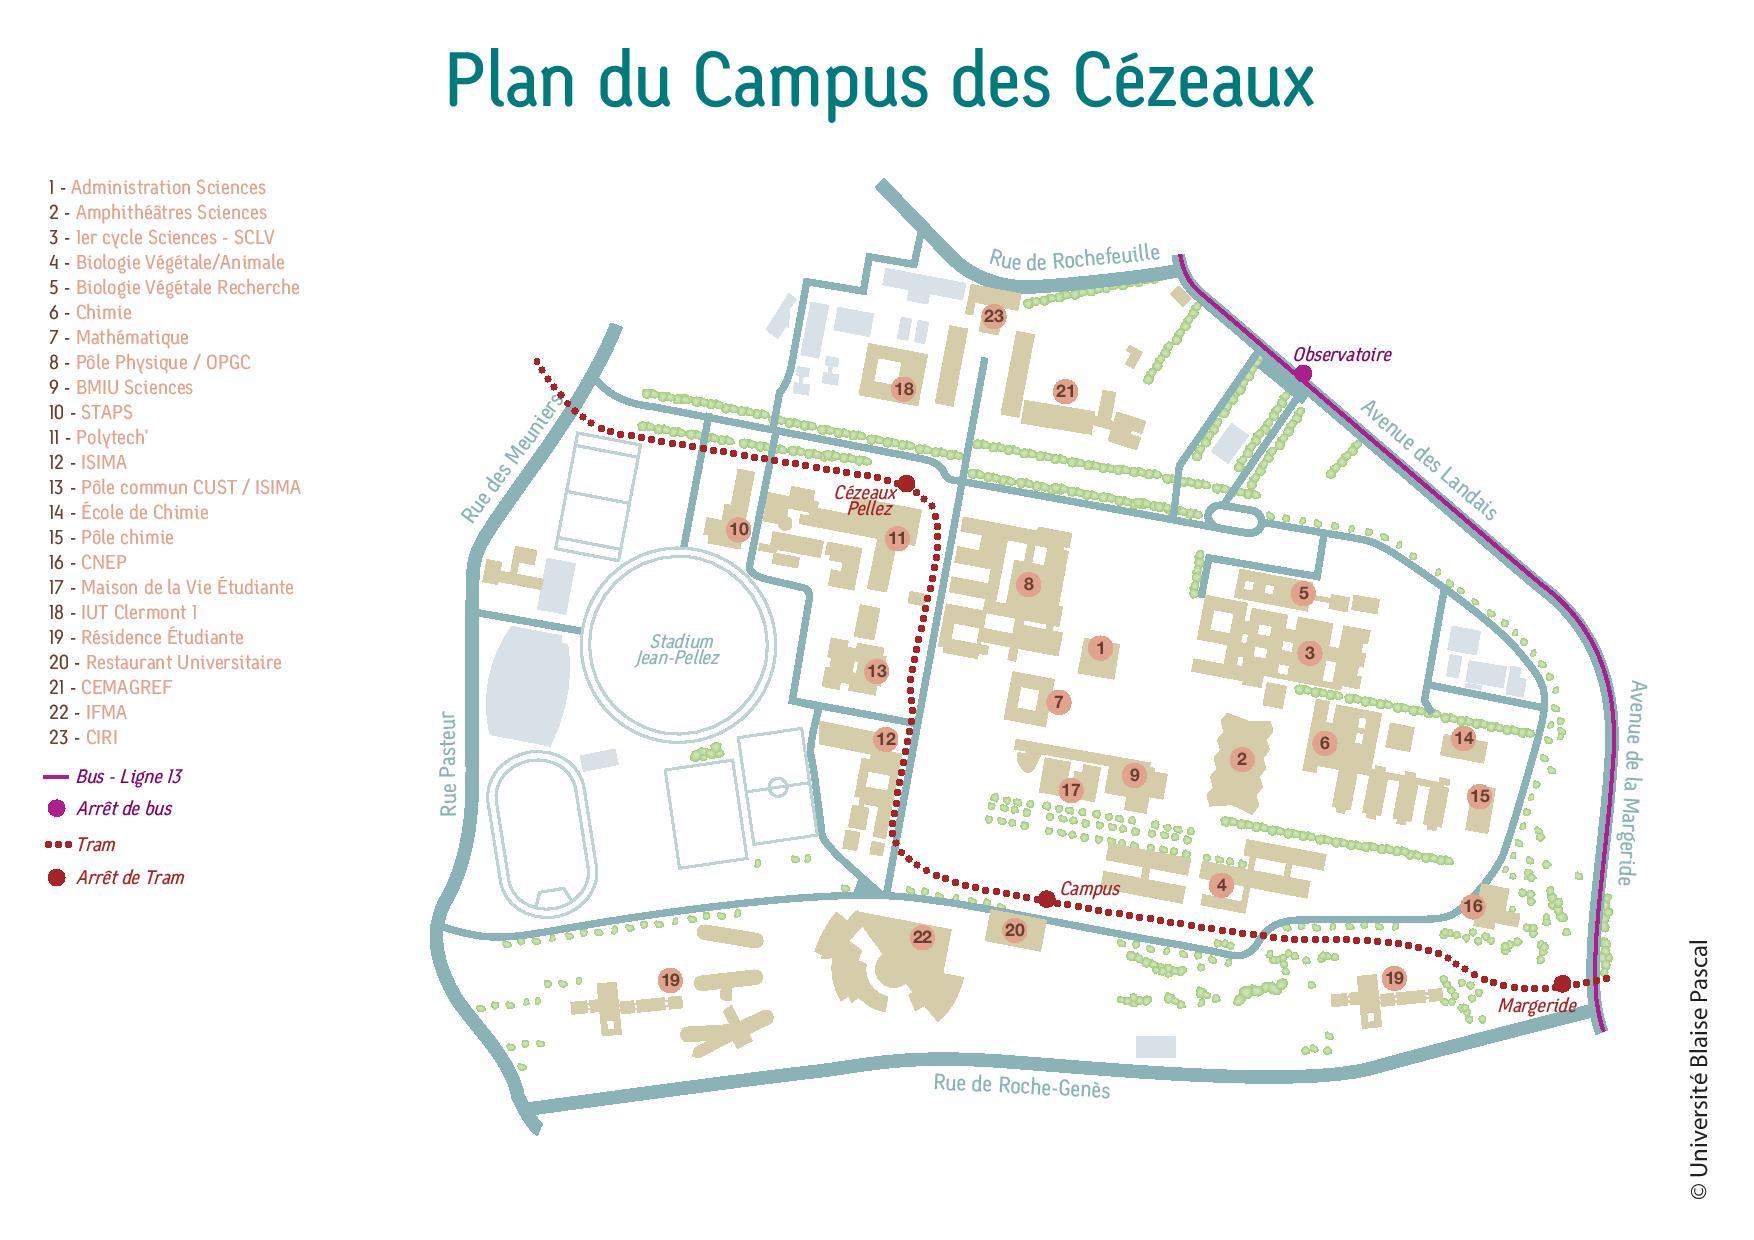 Plan du campus des Cézeaux